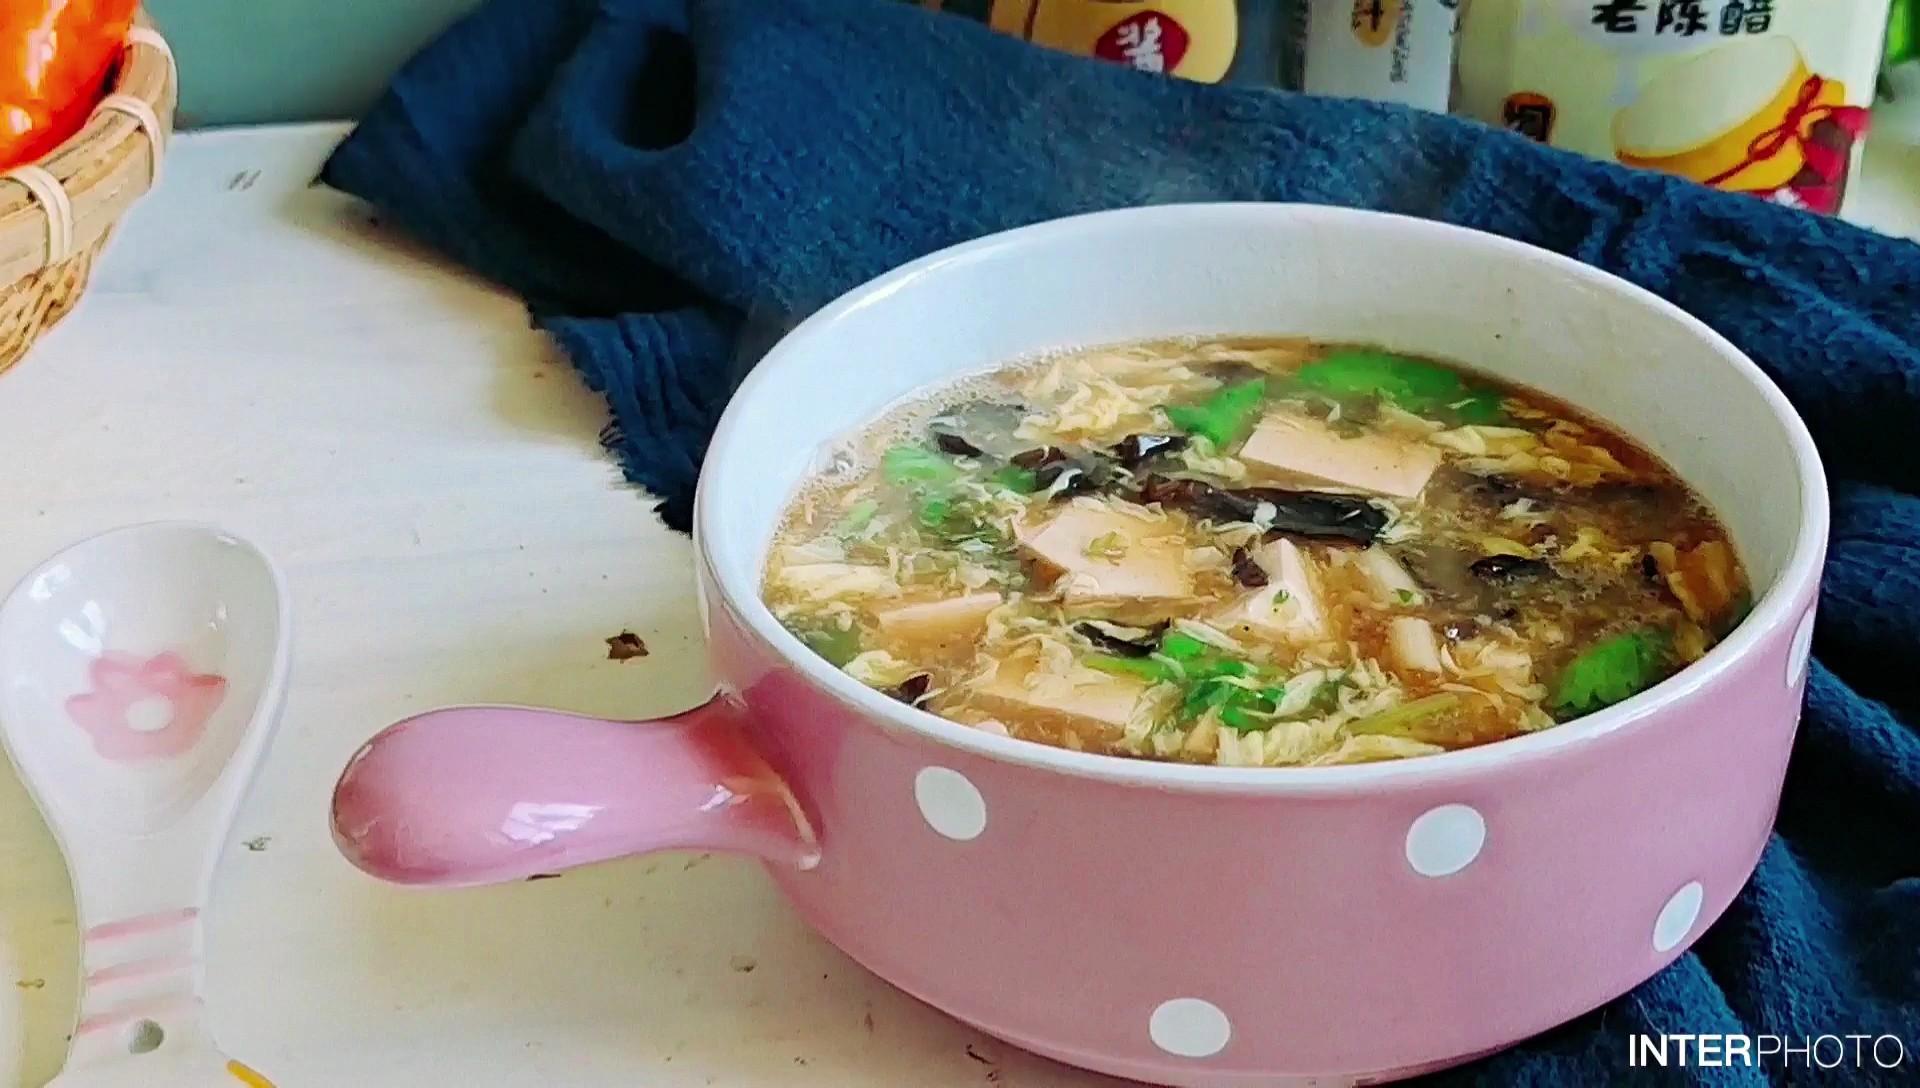 秋冬季的一碗暖身汤…酸辣豆腐羹